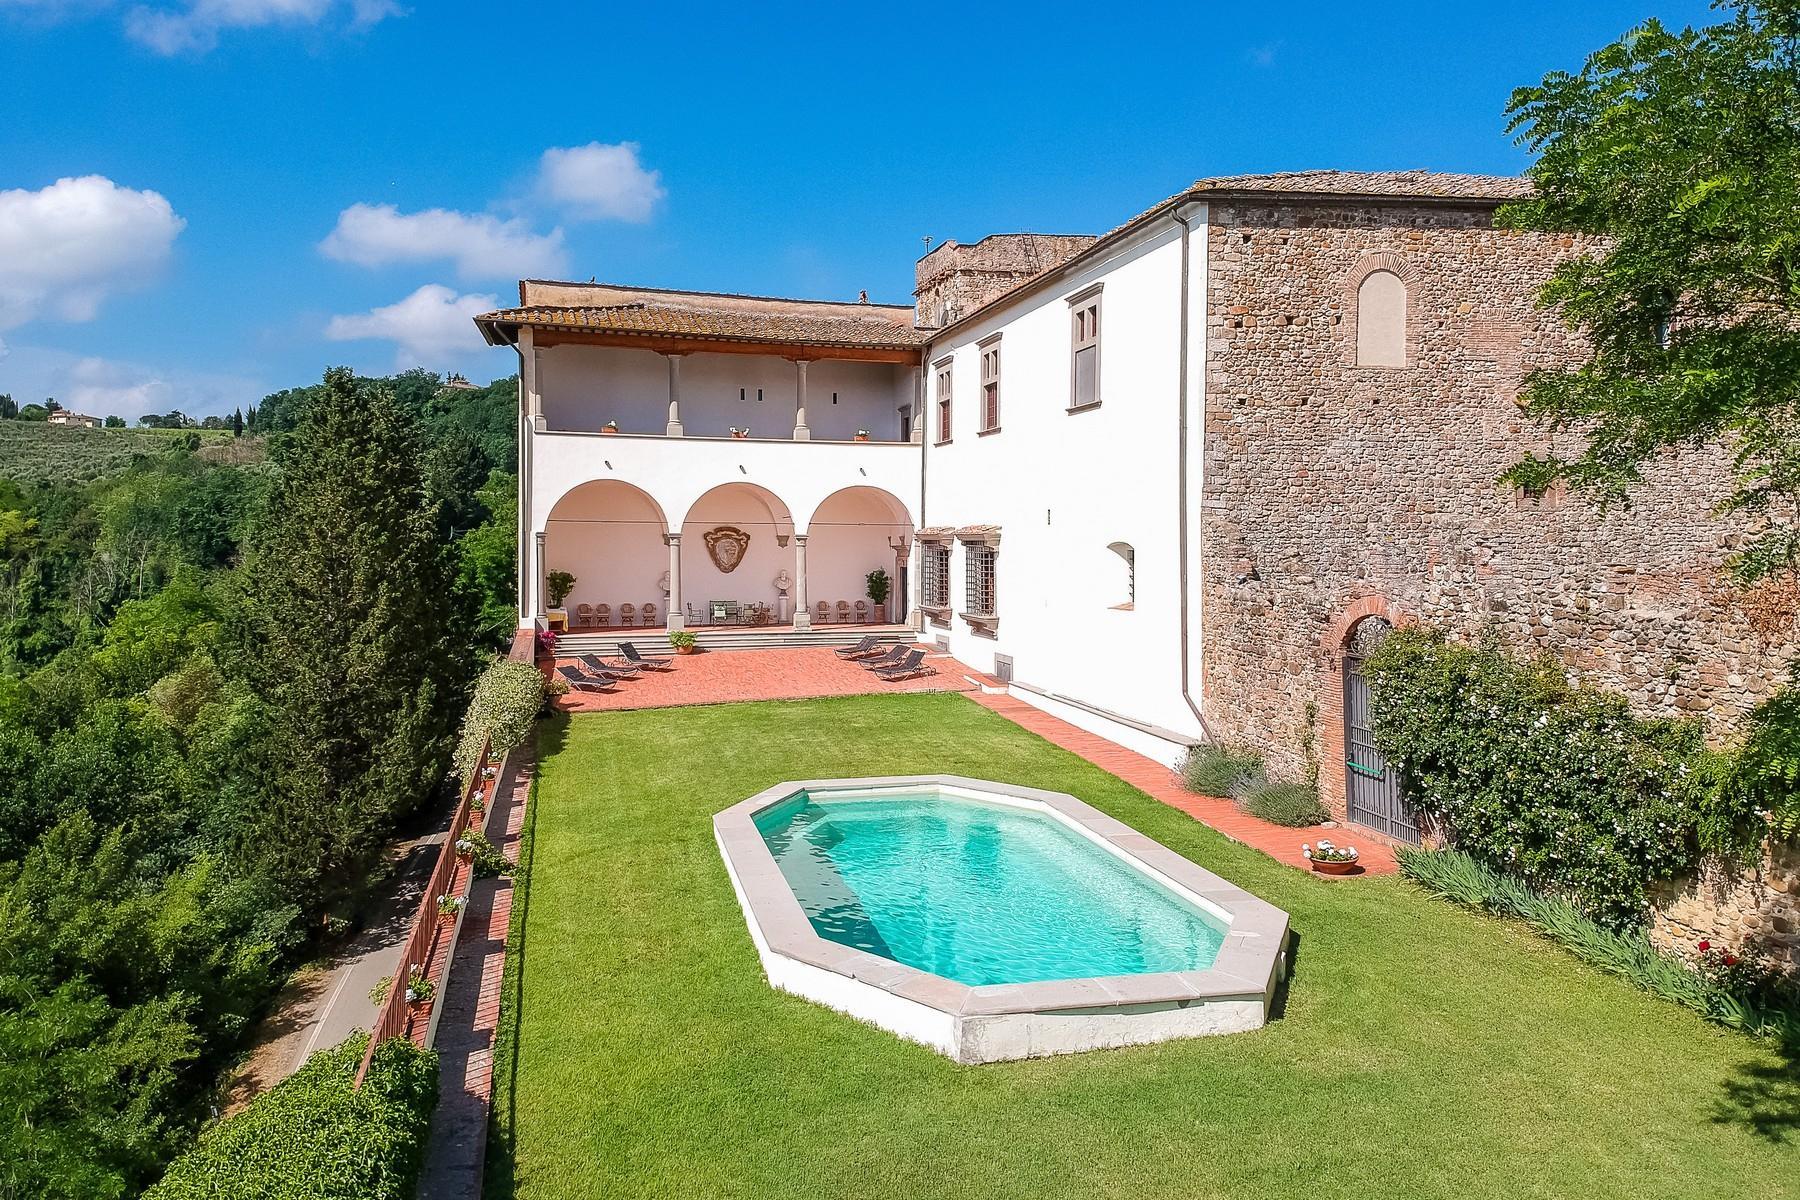 Schloss aus der Renaissance im Chianti Gebiet - 3